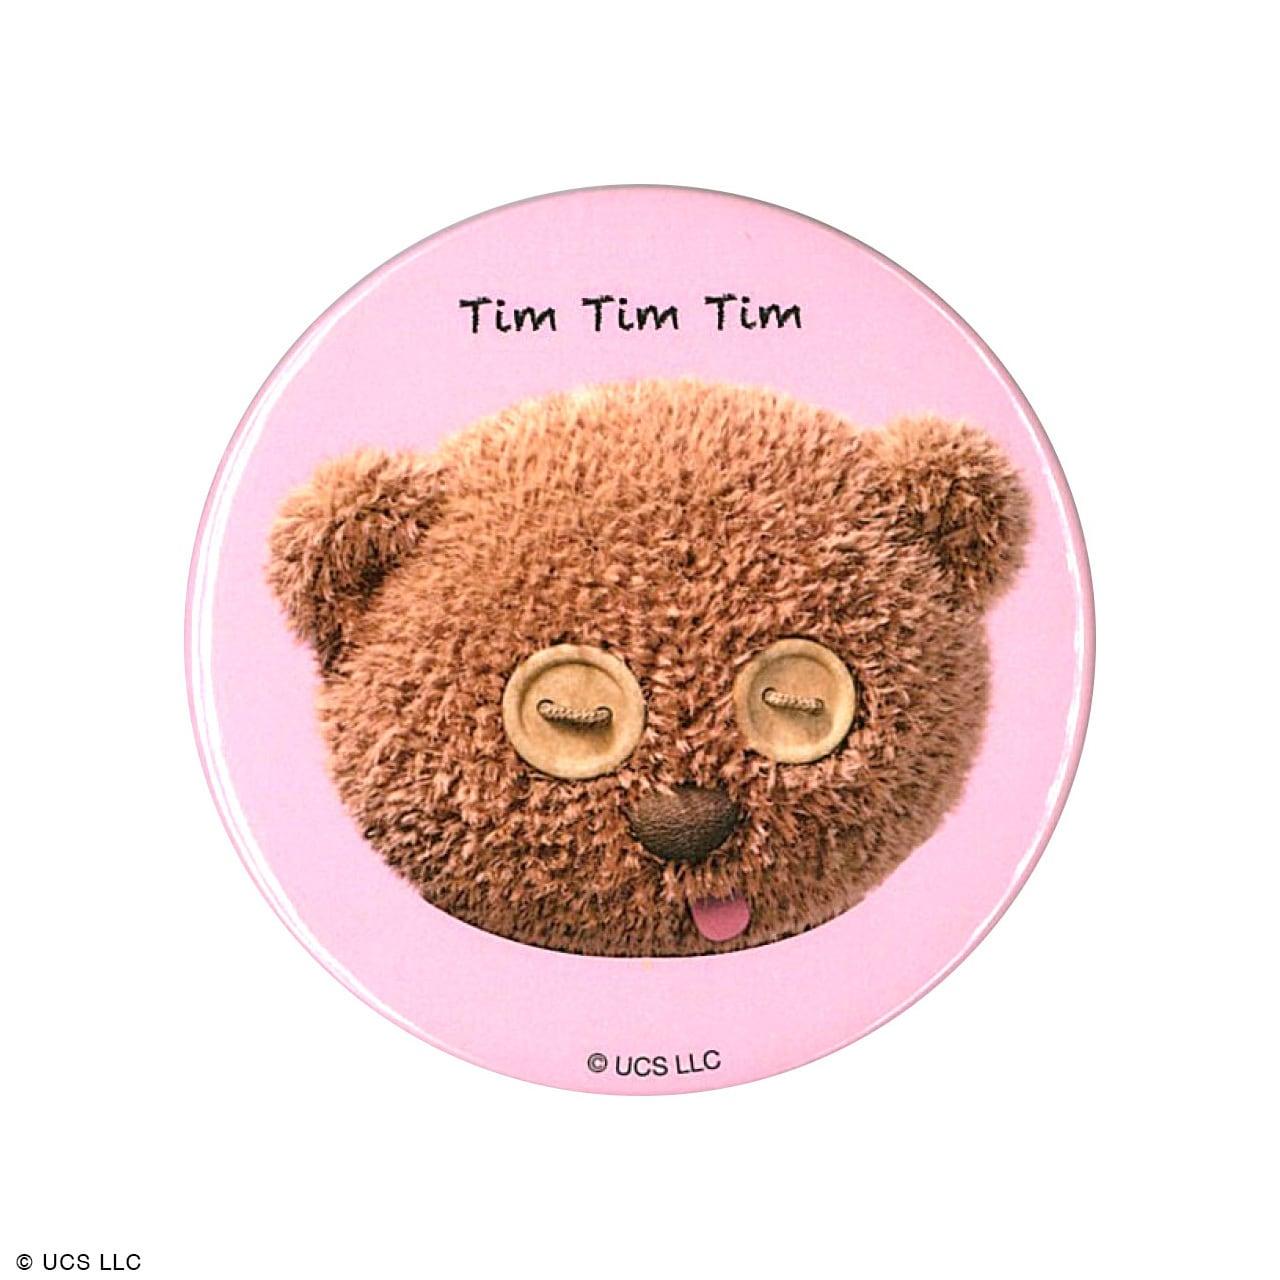 缶バッジ/ミニオン(Tim)【MINIONS POP UP STORE 限定】